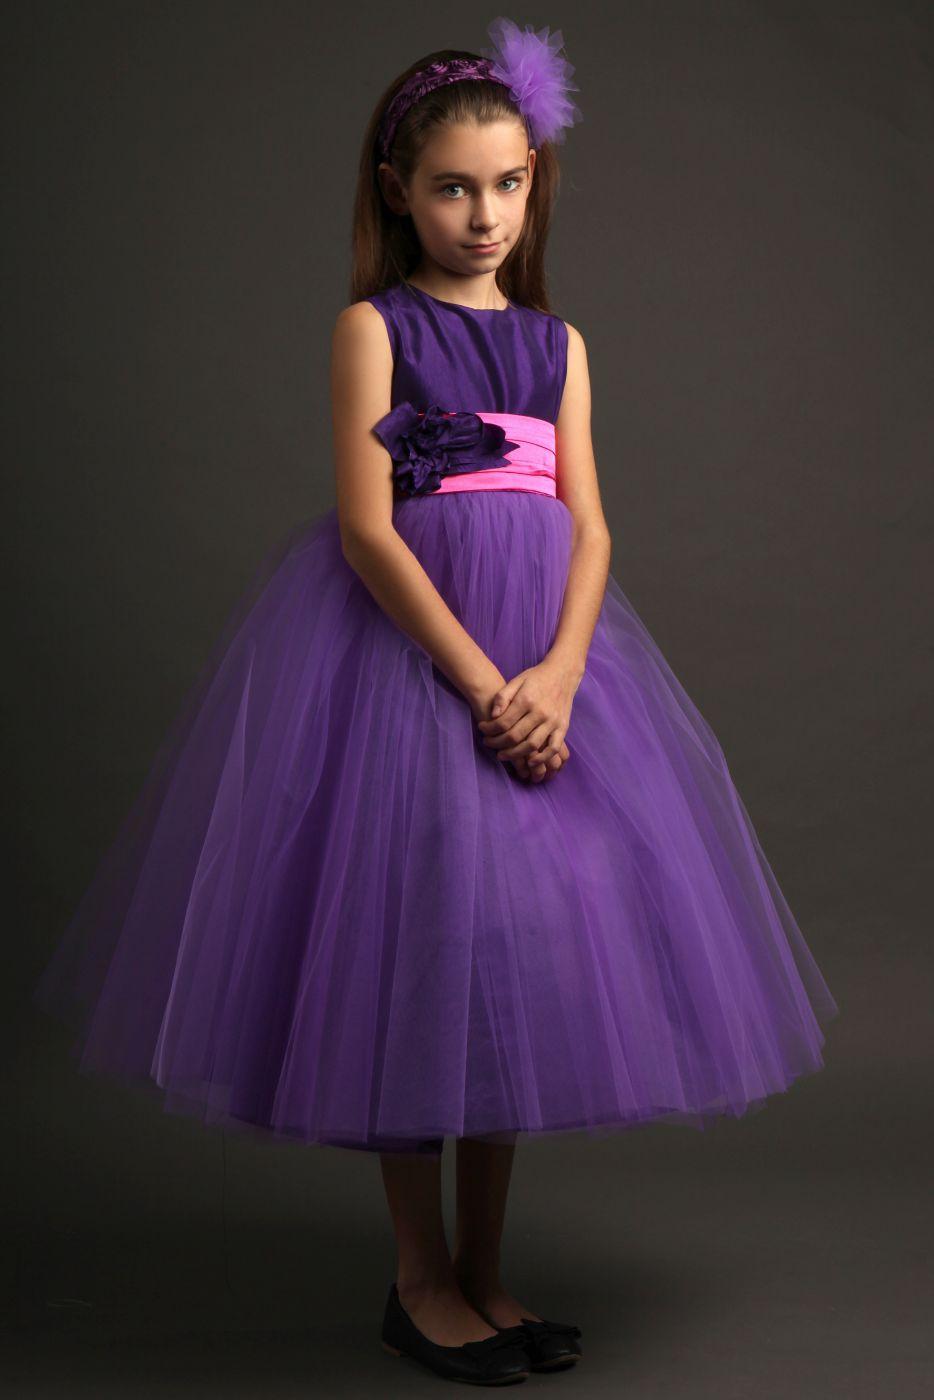 Festliche Kleider für besondere Anlässe - Kleiderfreuden